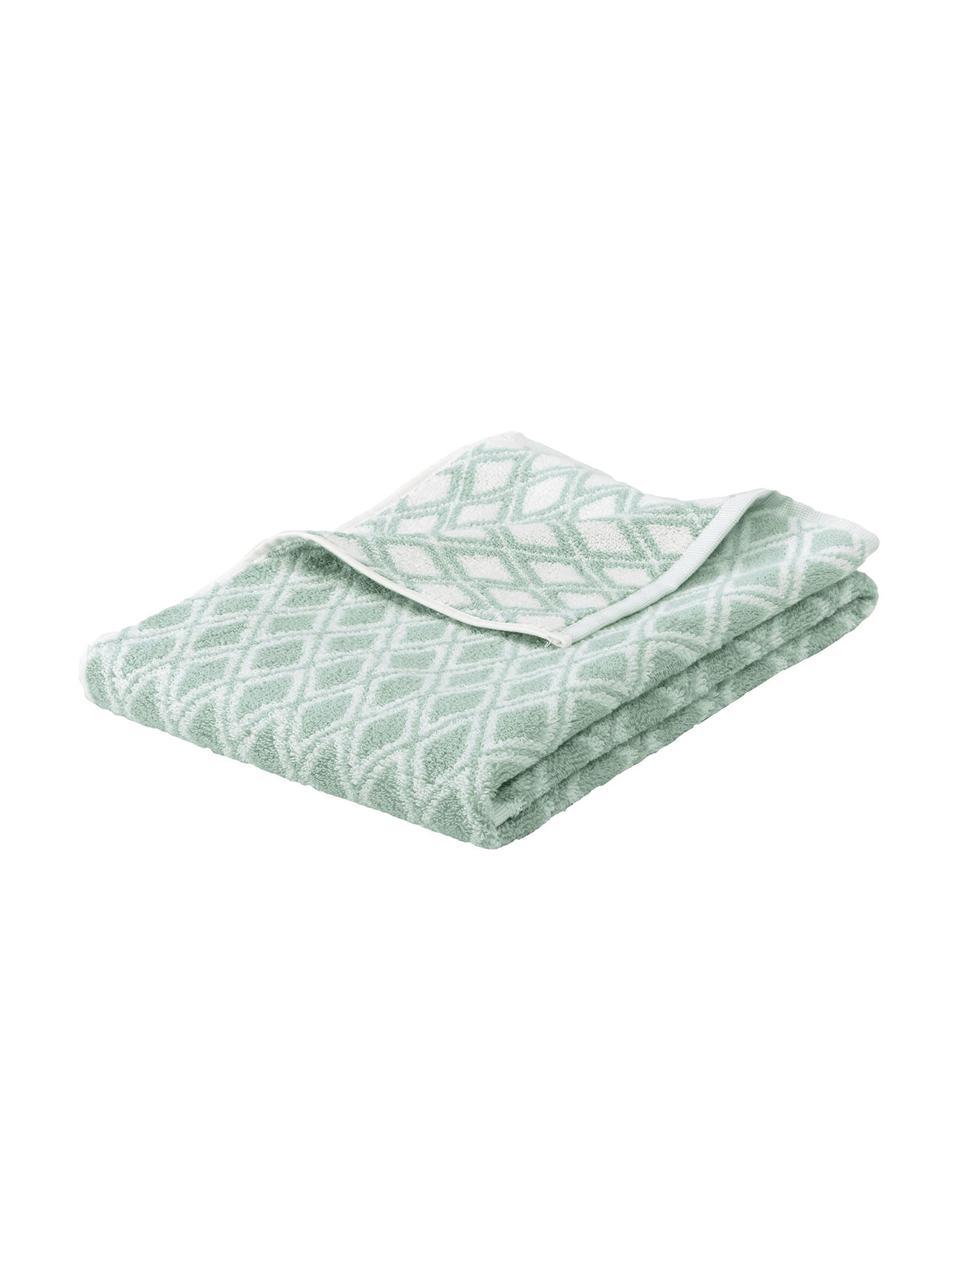 Wende-Handtuch Ava mit grafischem Muster, 100% Baumwolle, mittelschwere Qualität 550 g/m², Mintgrün, Cremeweiß, Gästehandtuch